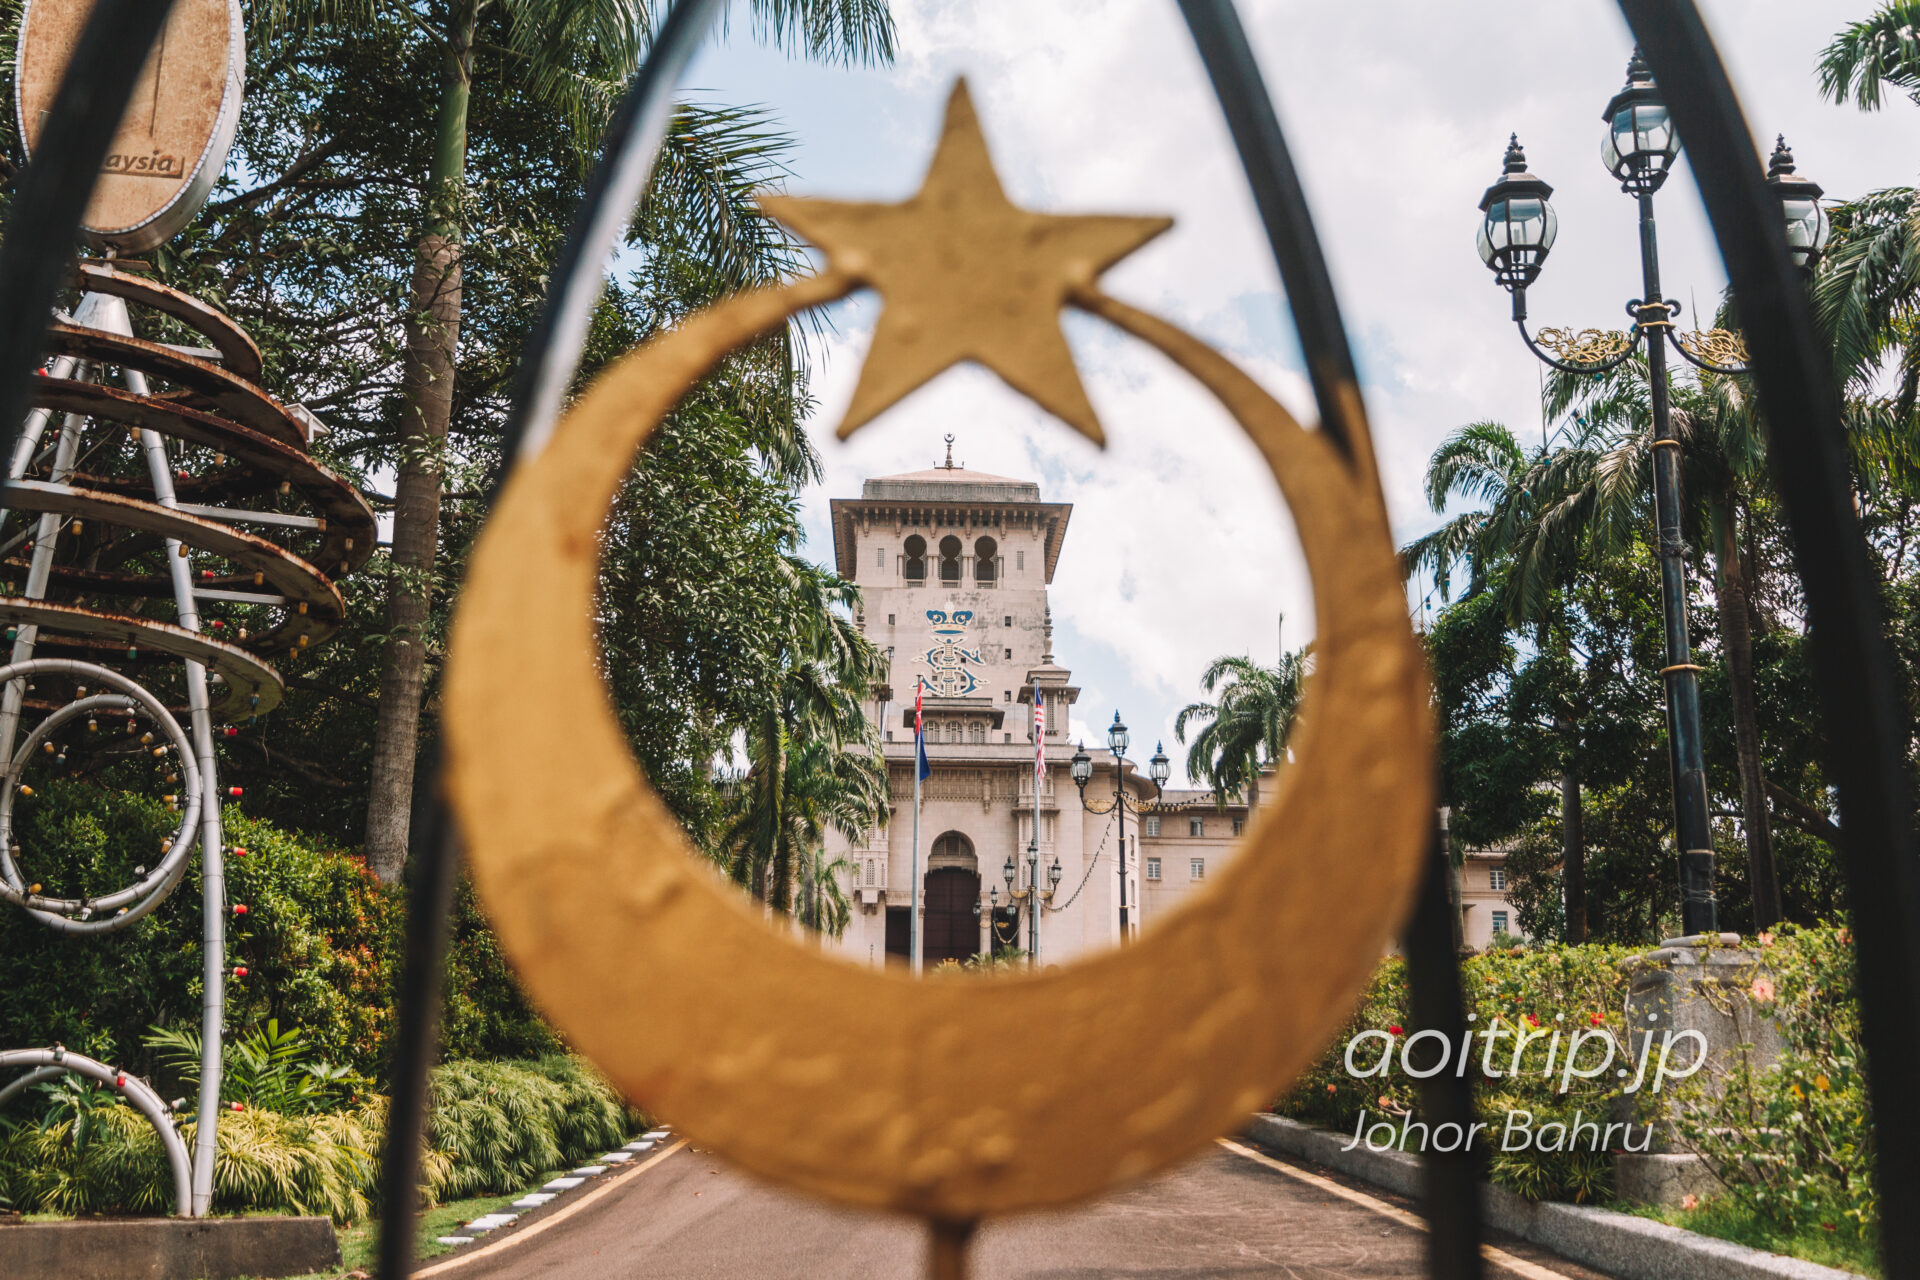 ジョホール州政府庁舎 Bangunan Sultan Ibrahim